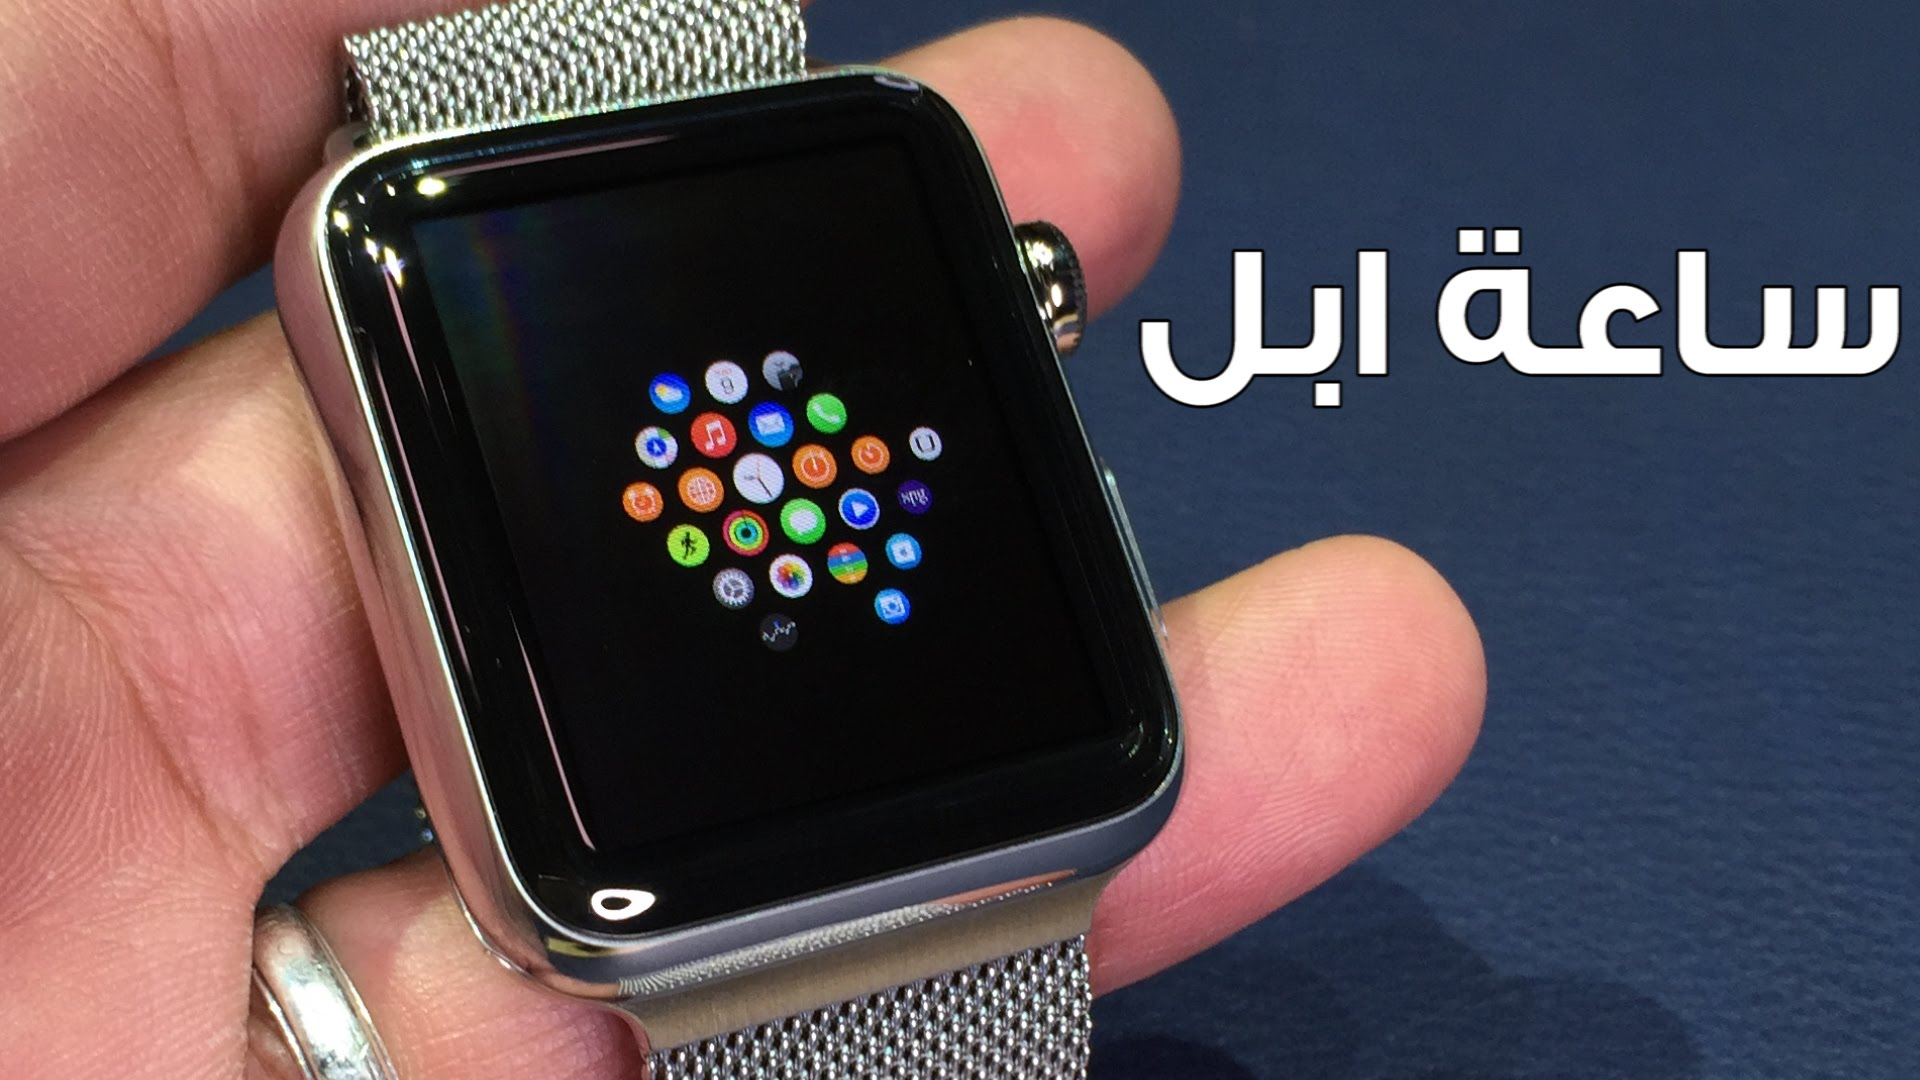 5533e31ae 8 مميزات منتظرة في ساعة أبل Apple Watch 4 الجديدة | مجلة الرجل